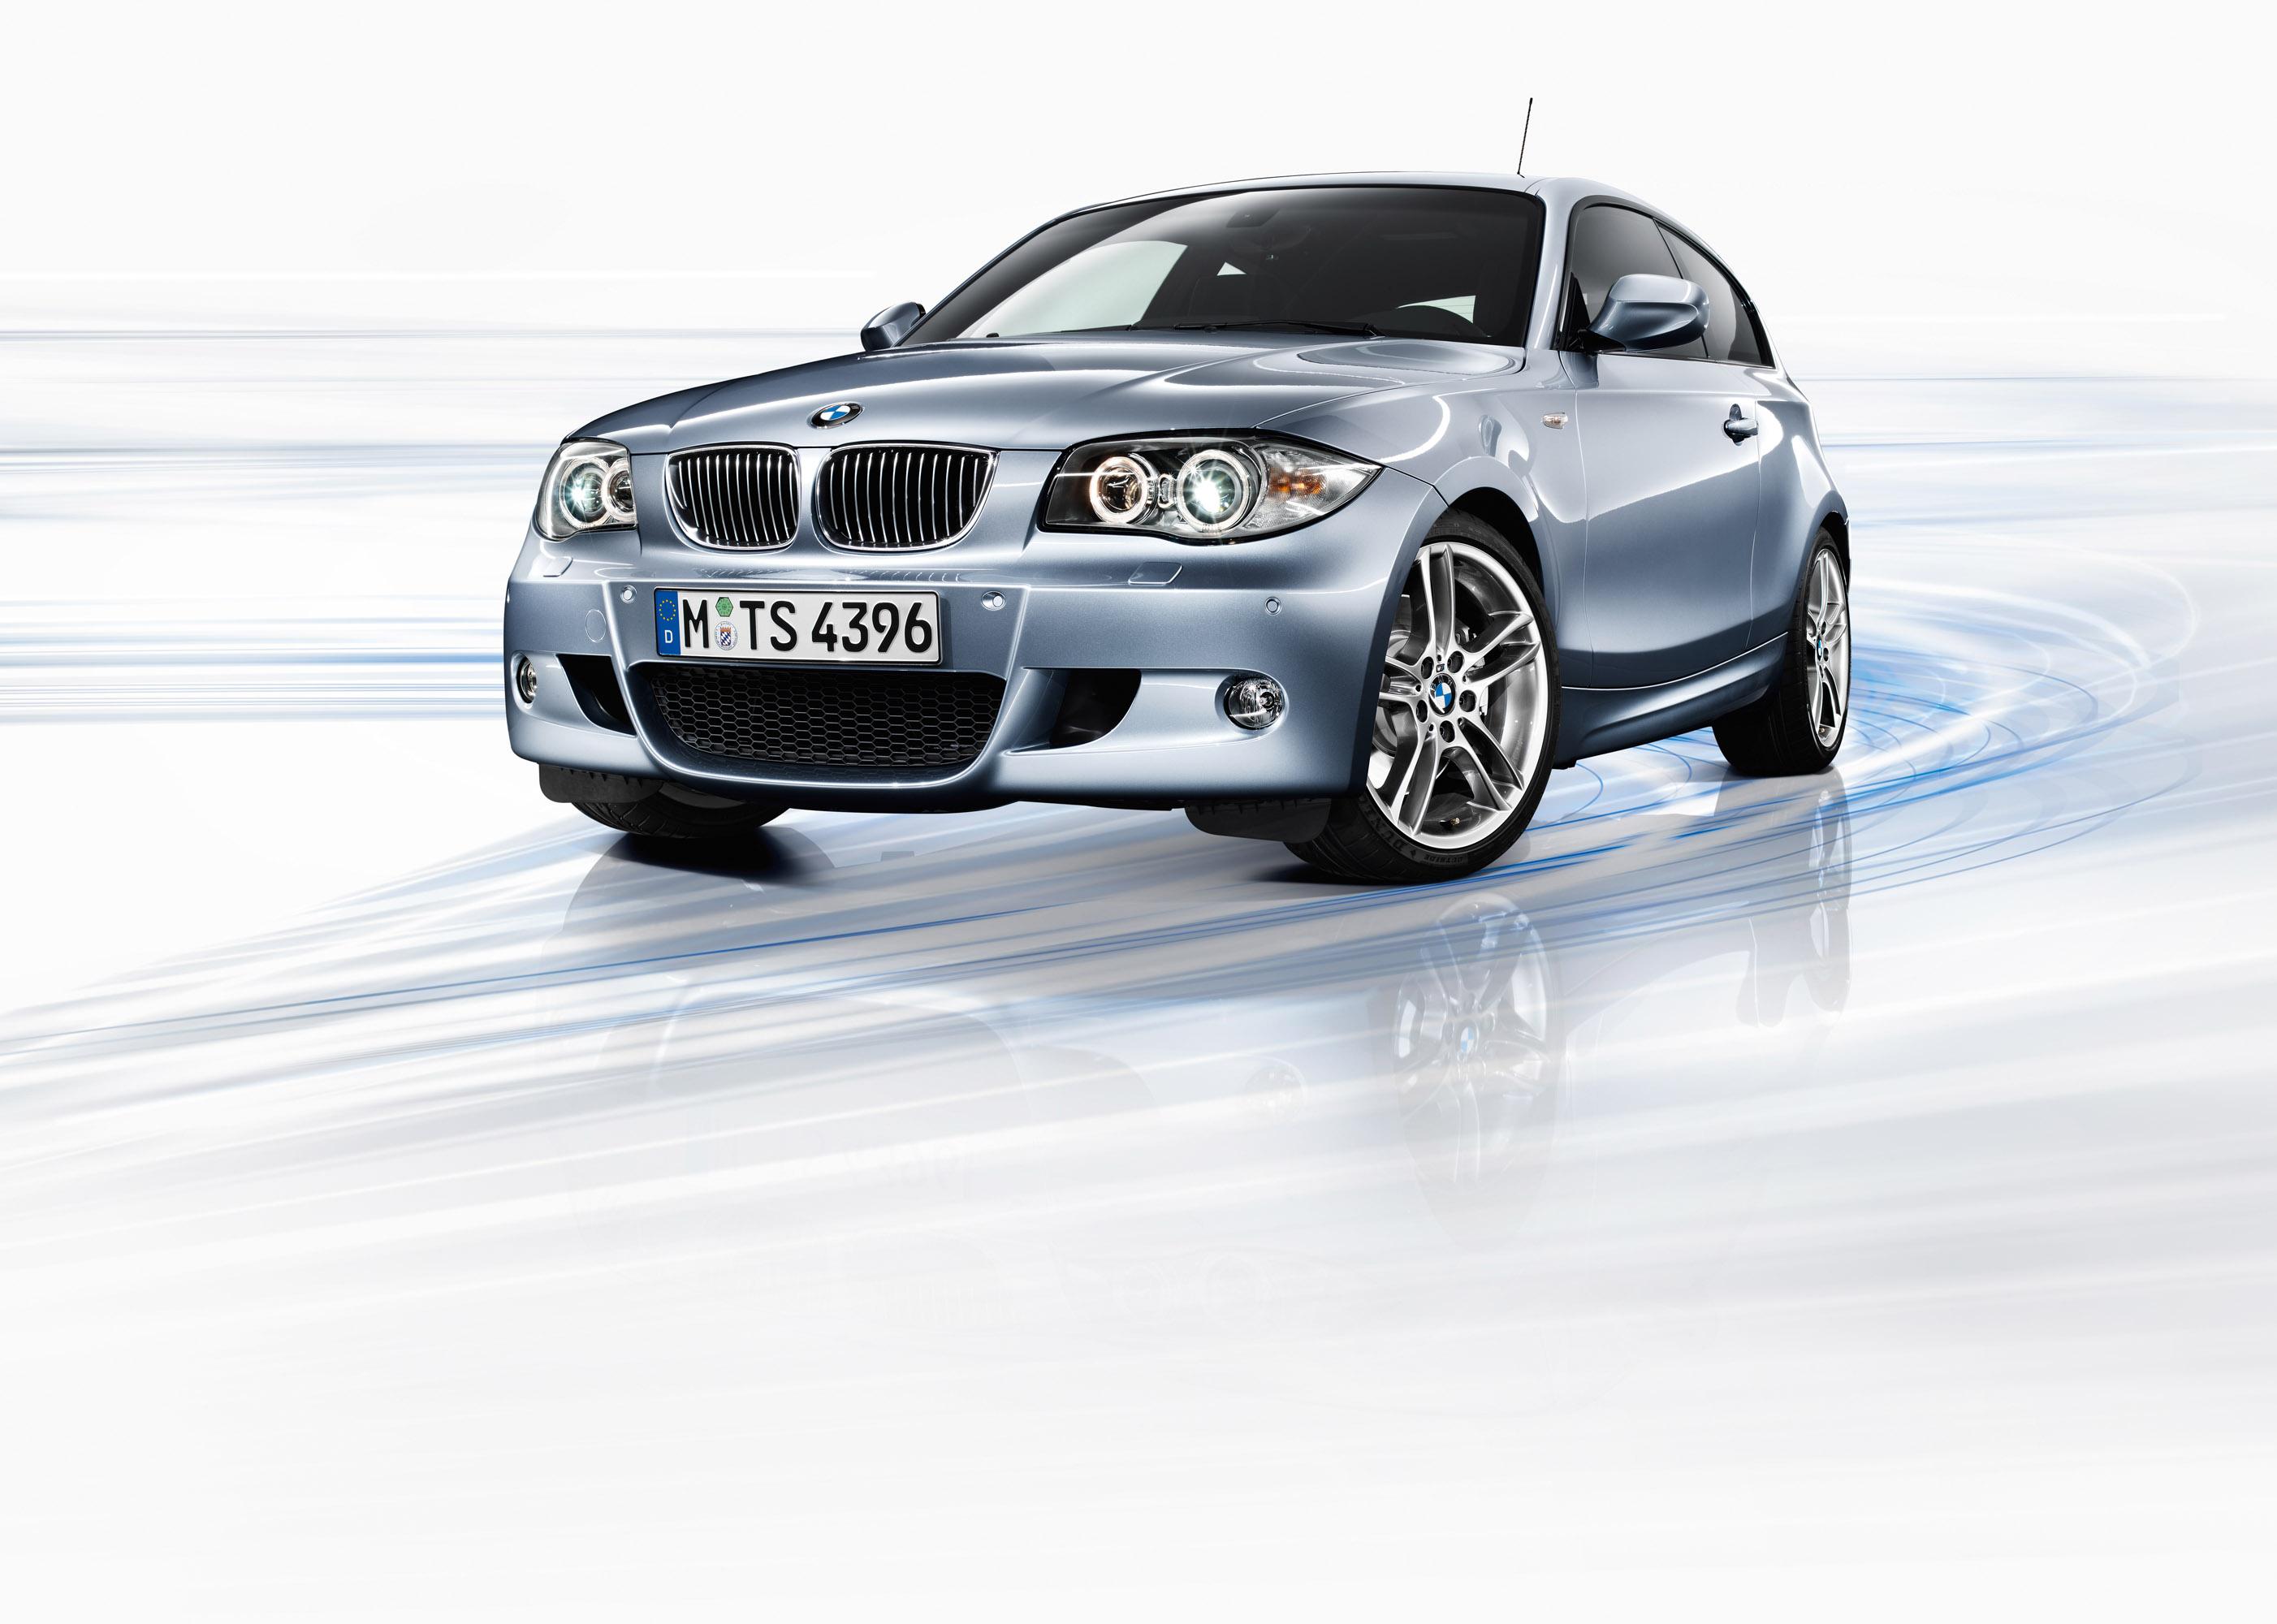 BMW 1 серии 2010 модельного года - фотография №3